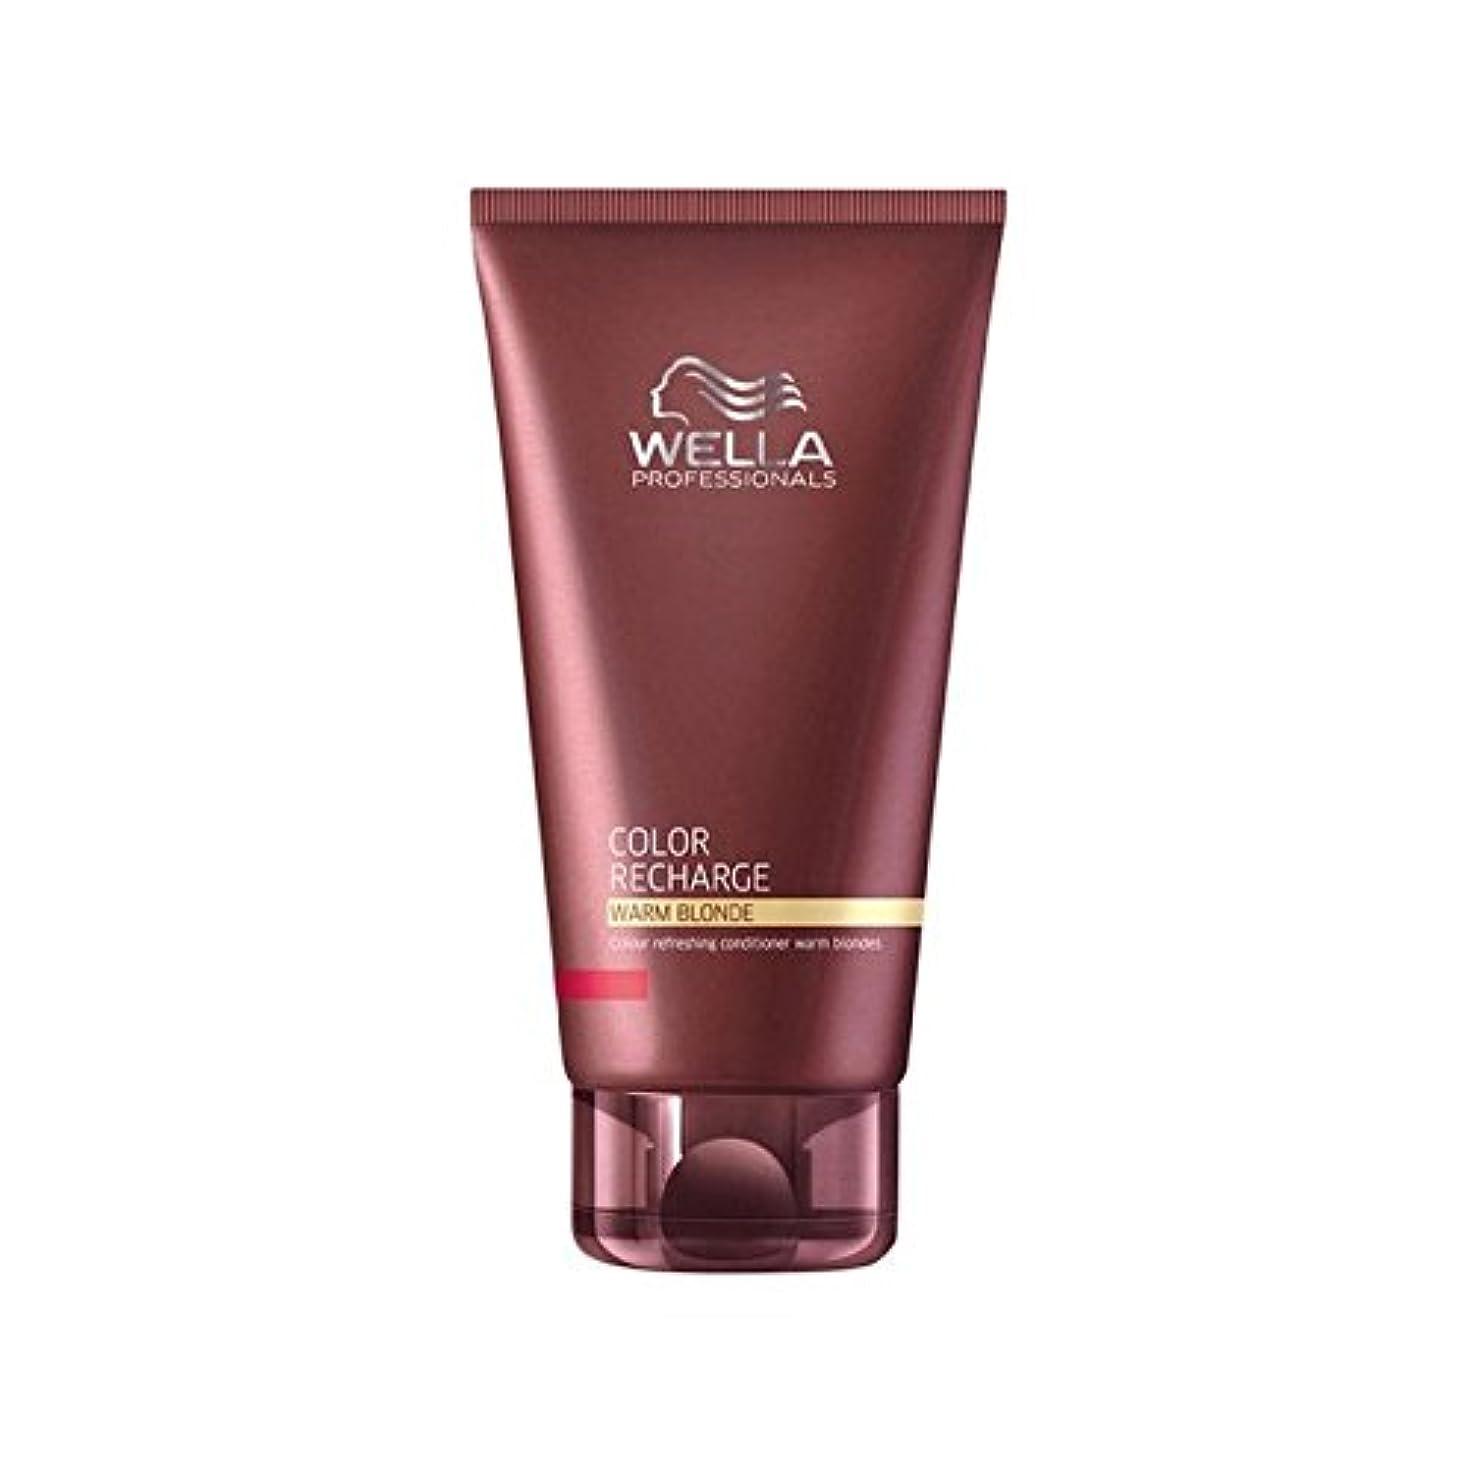 彼らヘルシー暴徒ウエラ専門家のカラー再充電コンディショナー暖かいブロンド(200ミリリットル) x2 - Wella Professionals Color Recharge Conditioner Warm Blonde (200ml...